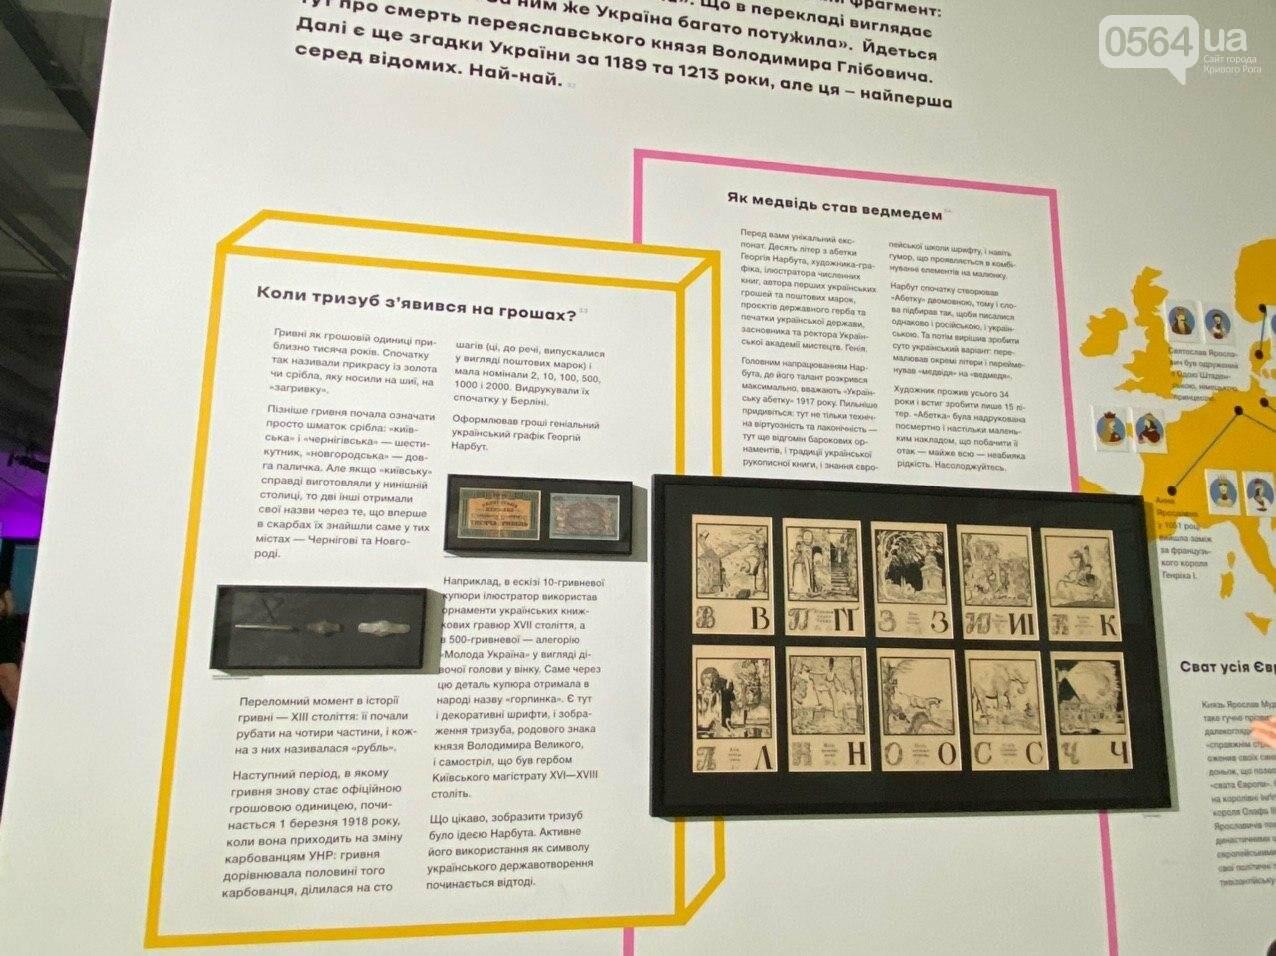 Ukraine WOW: что можно было узнать о Кривом Роге на интерактивной выставке, - ФОТО , фото-18